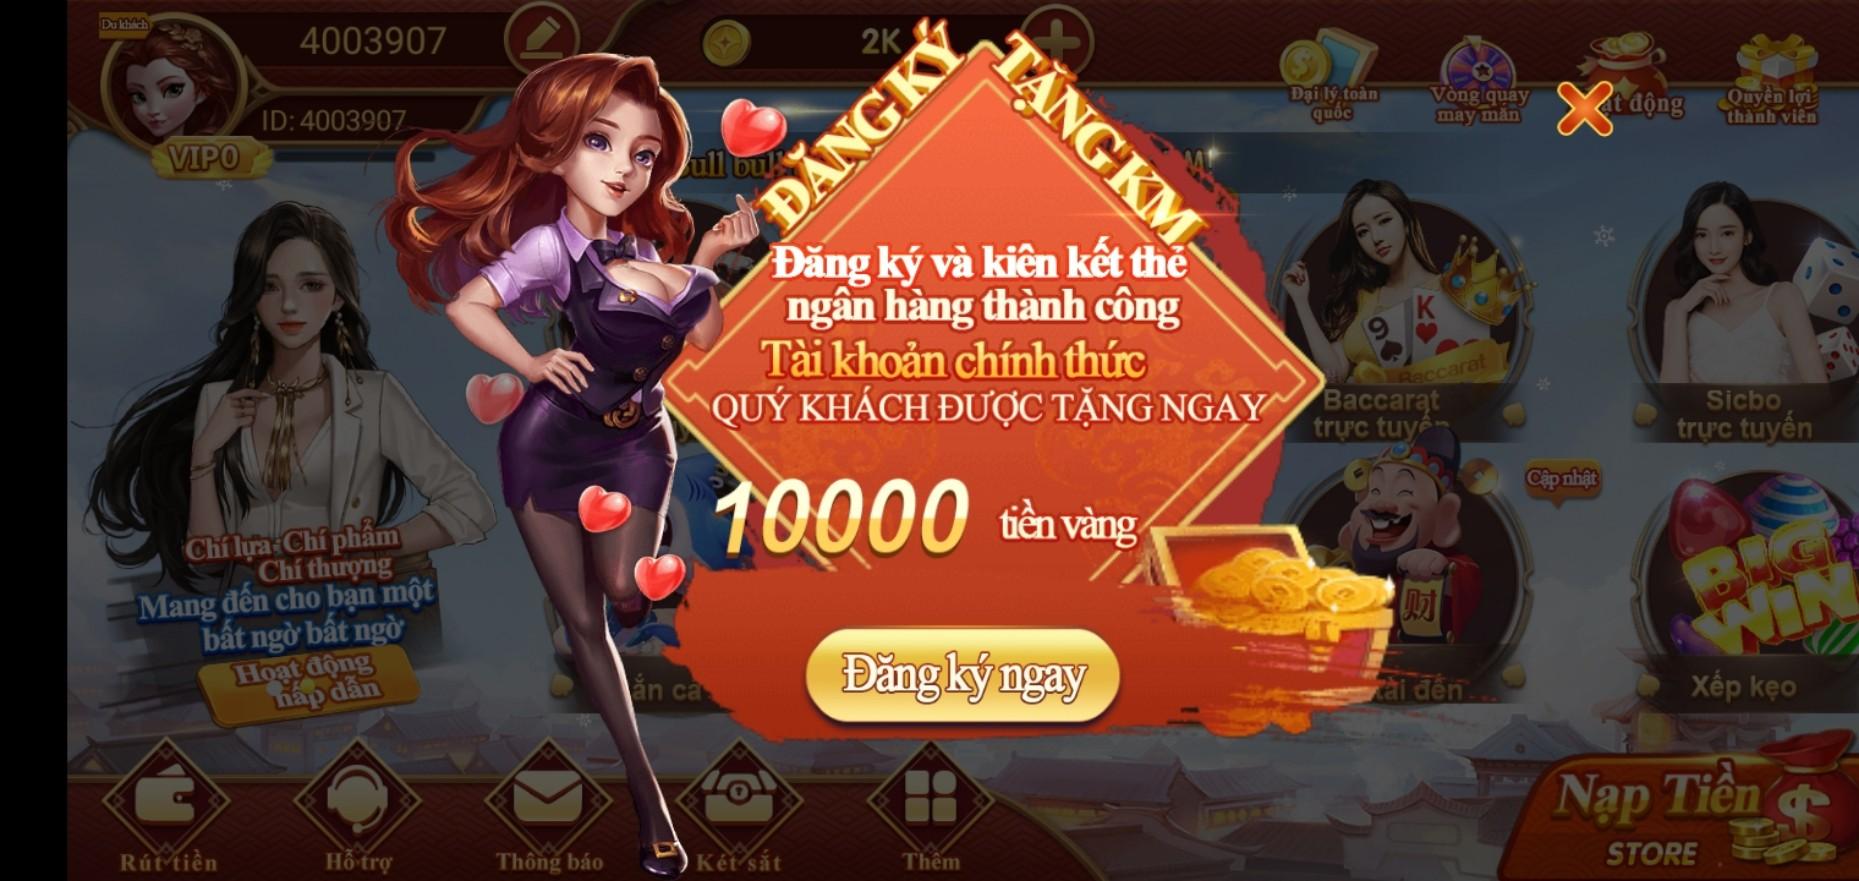 dang-ky-tai-khoan-nhan-vang-mien-phi